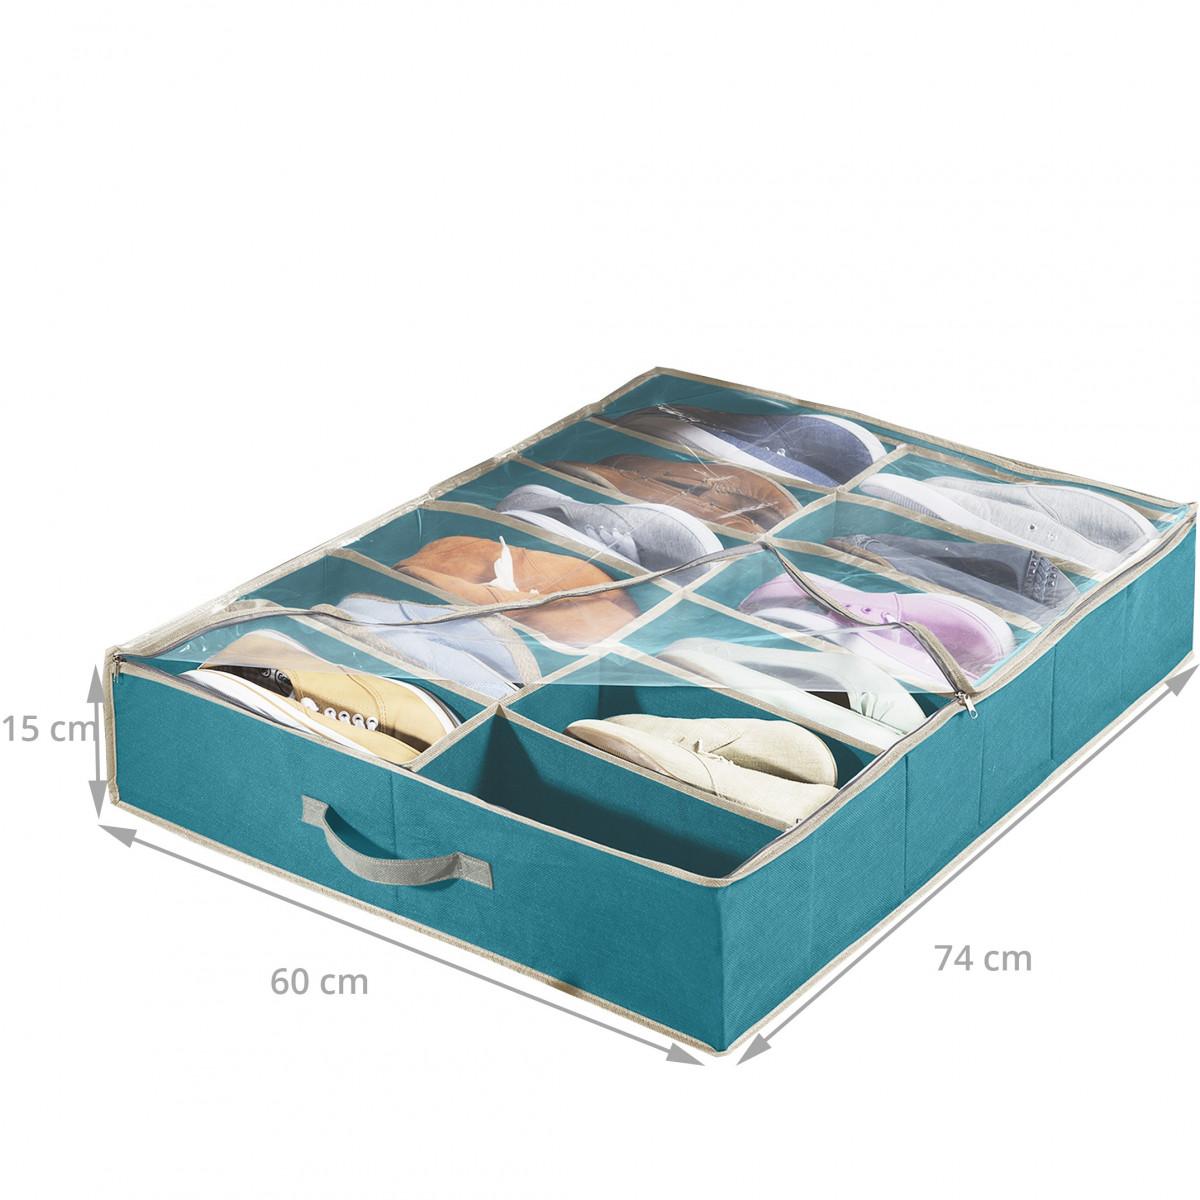 Housse rangement chaussures sous le lit for Housse de rangement